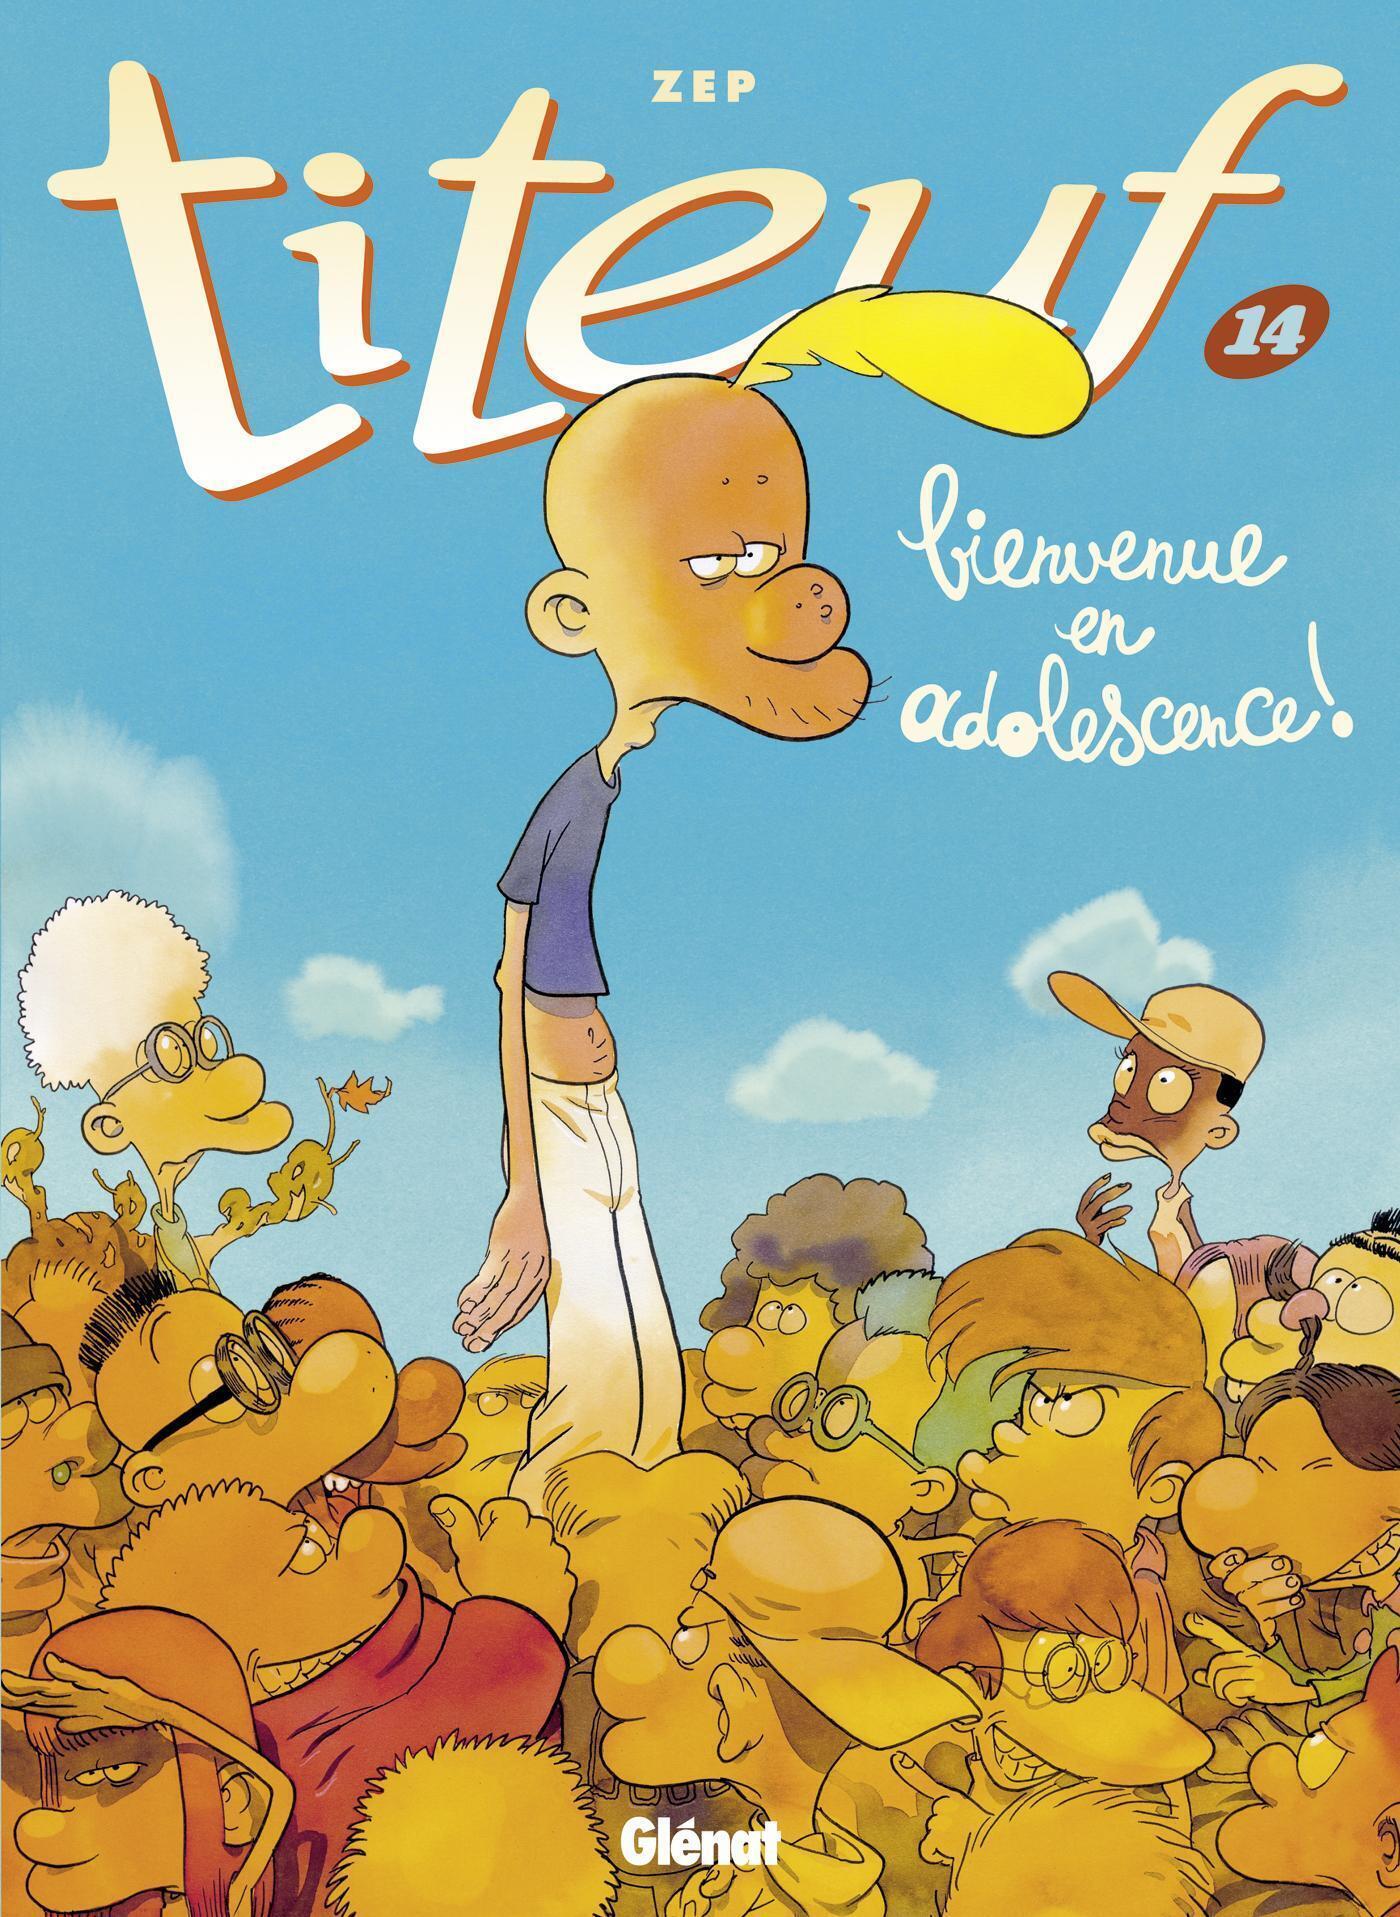 Couverture du Tome 14 de Titeuf «Bienvenue en adolescence» par ZEP.